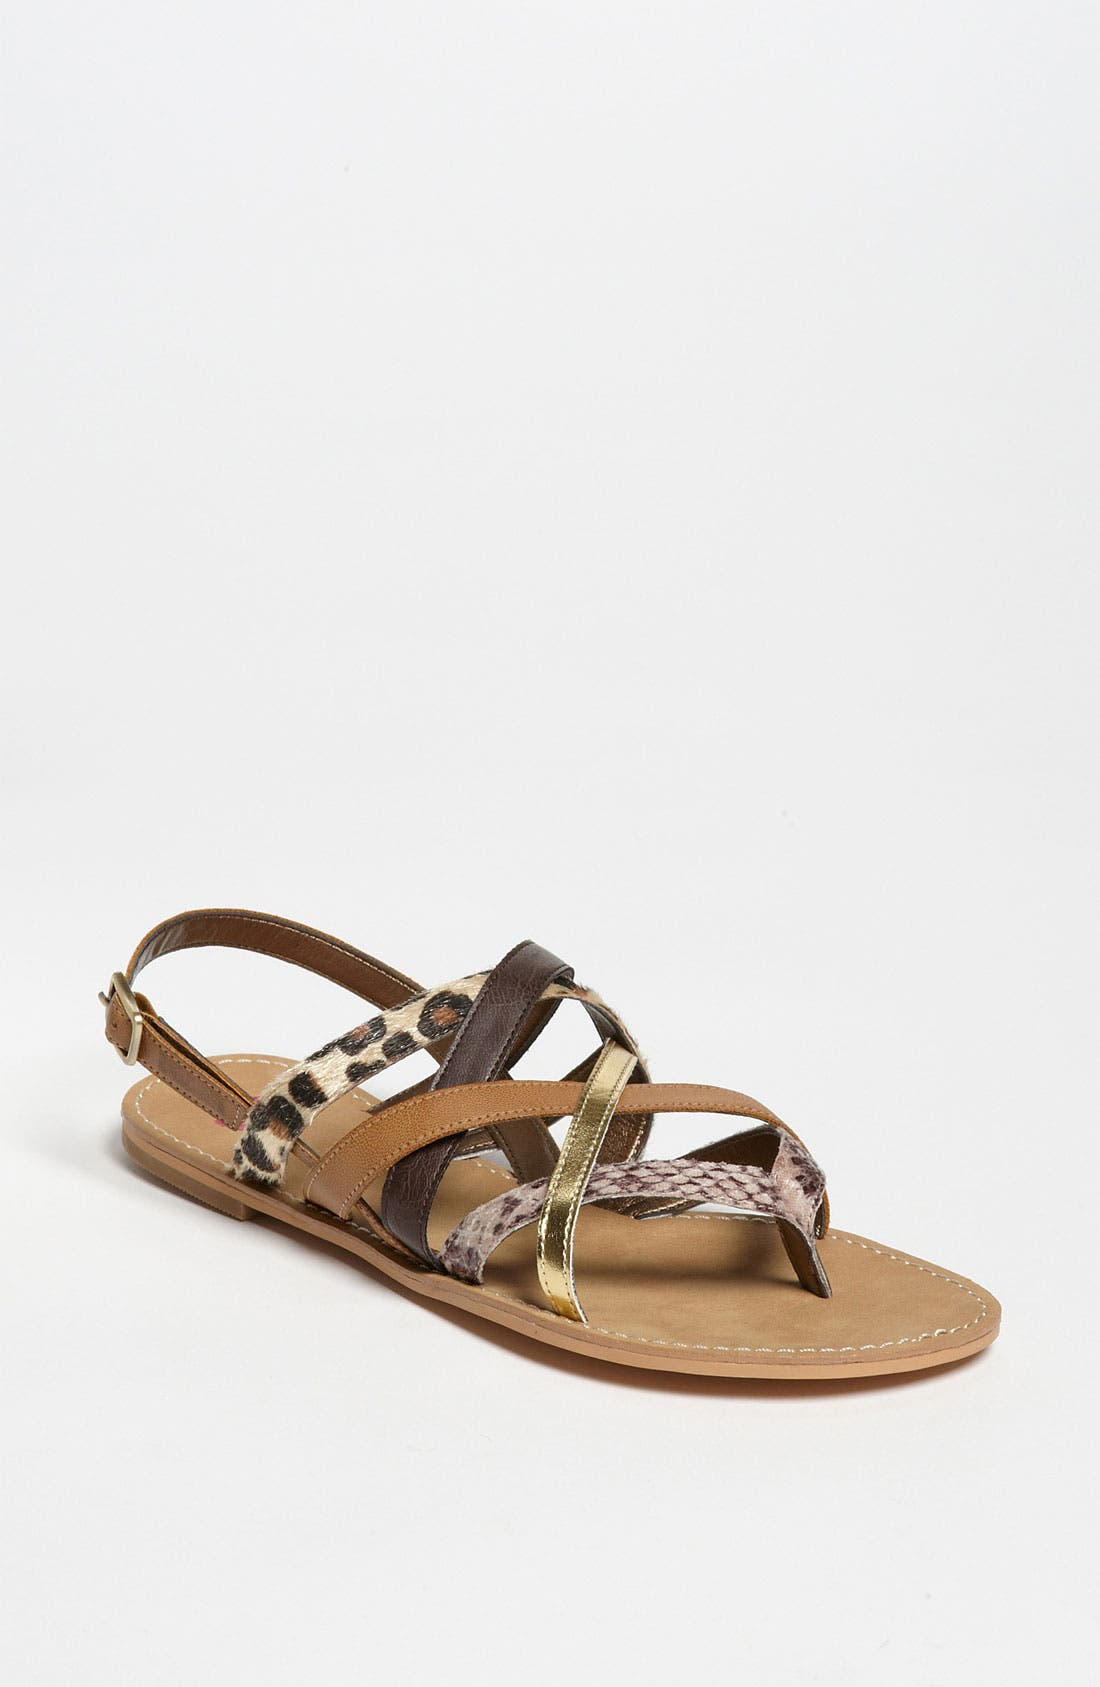 Alternate Image 1 Selected - BP. 'Tropical' Sandal